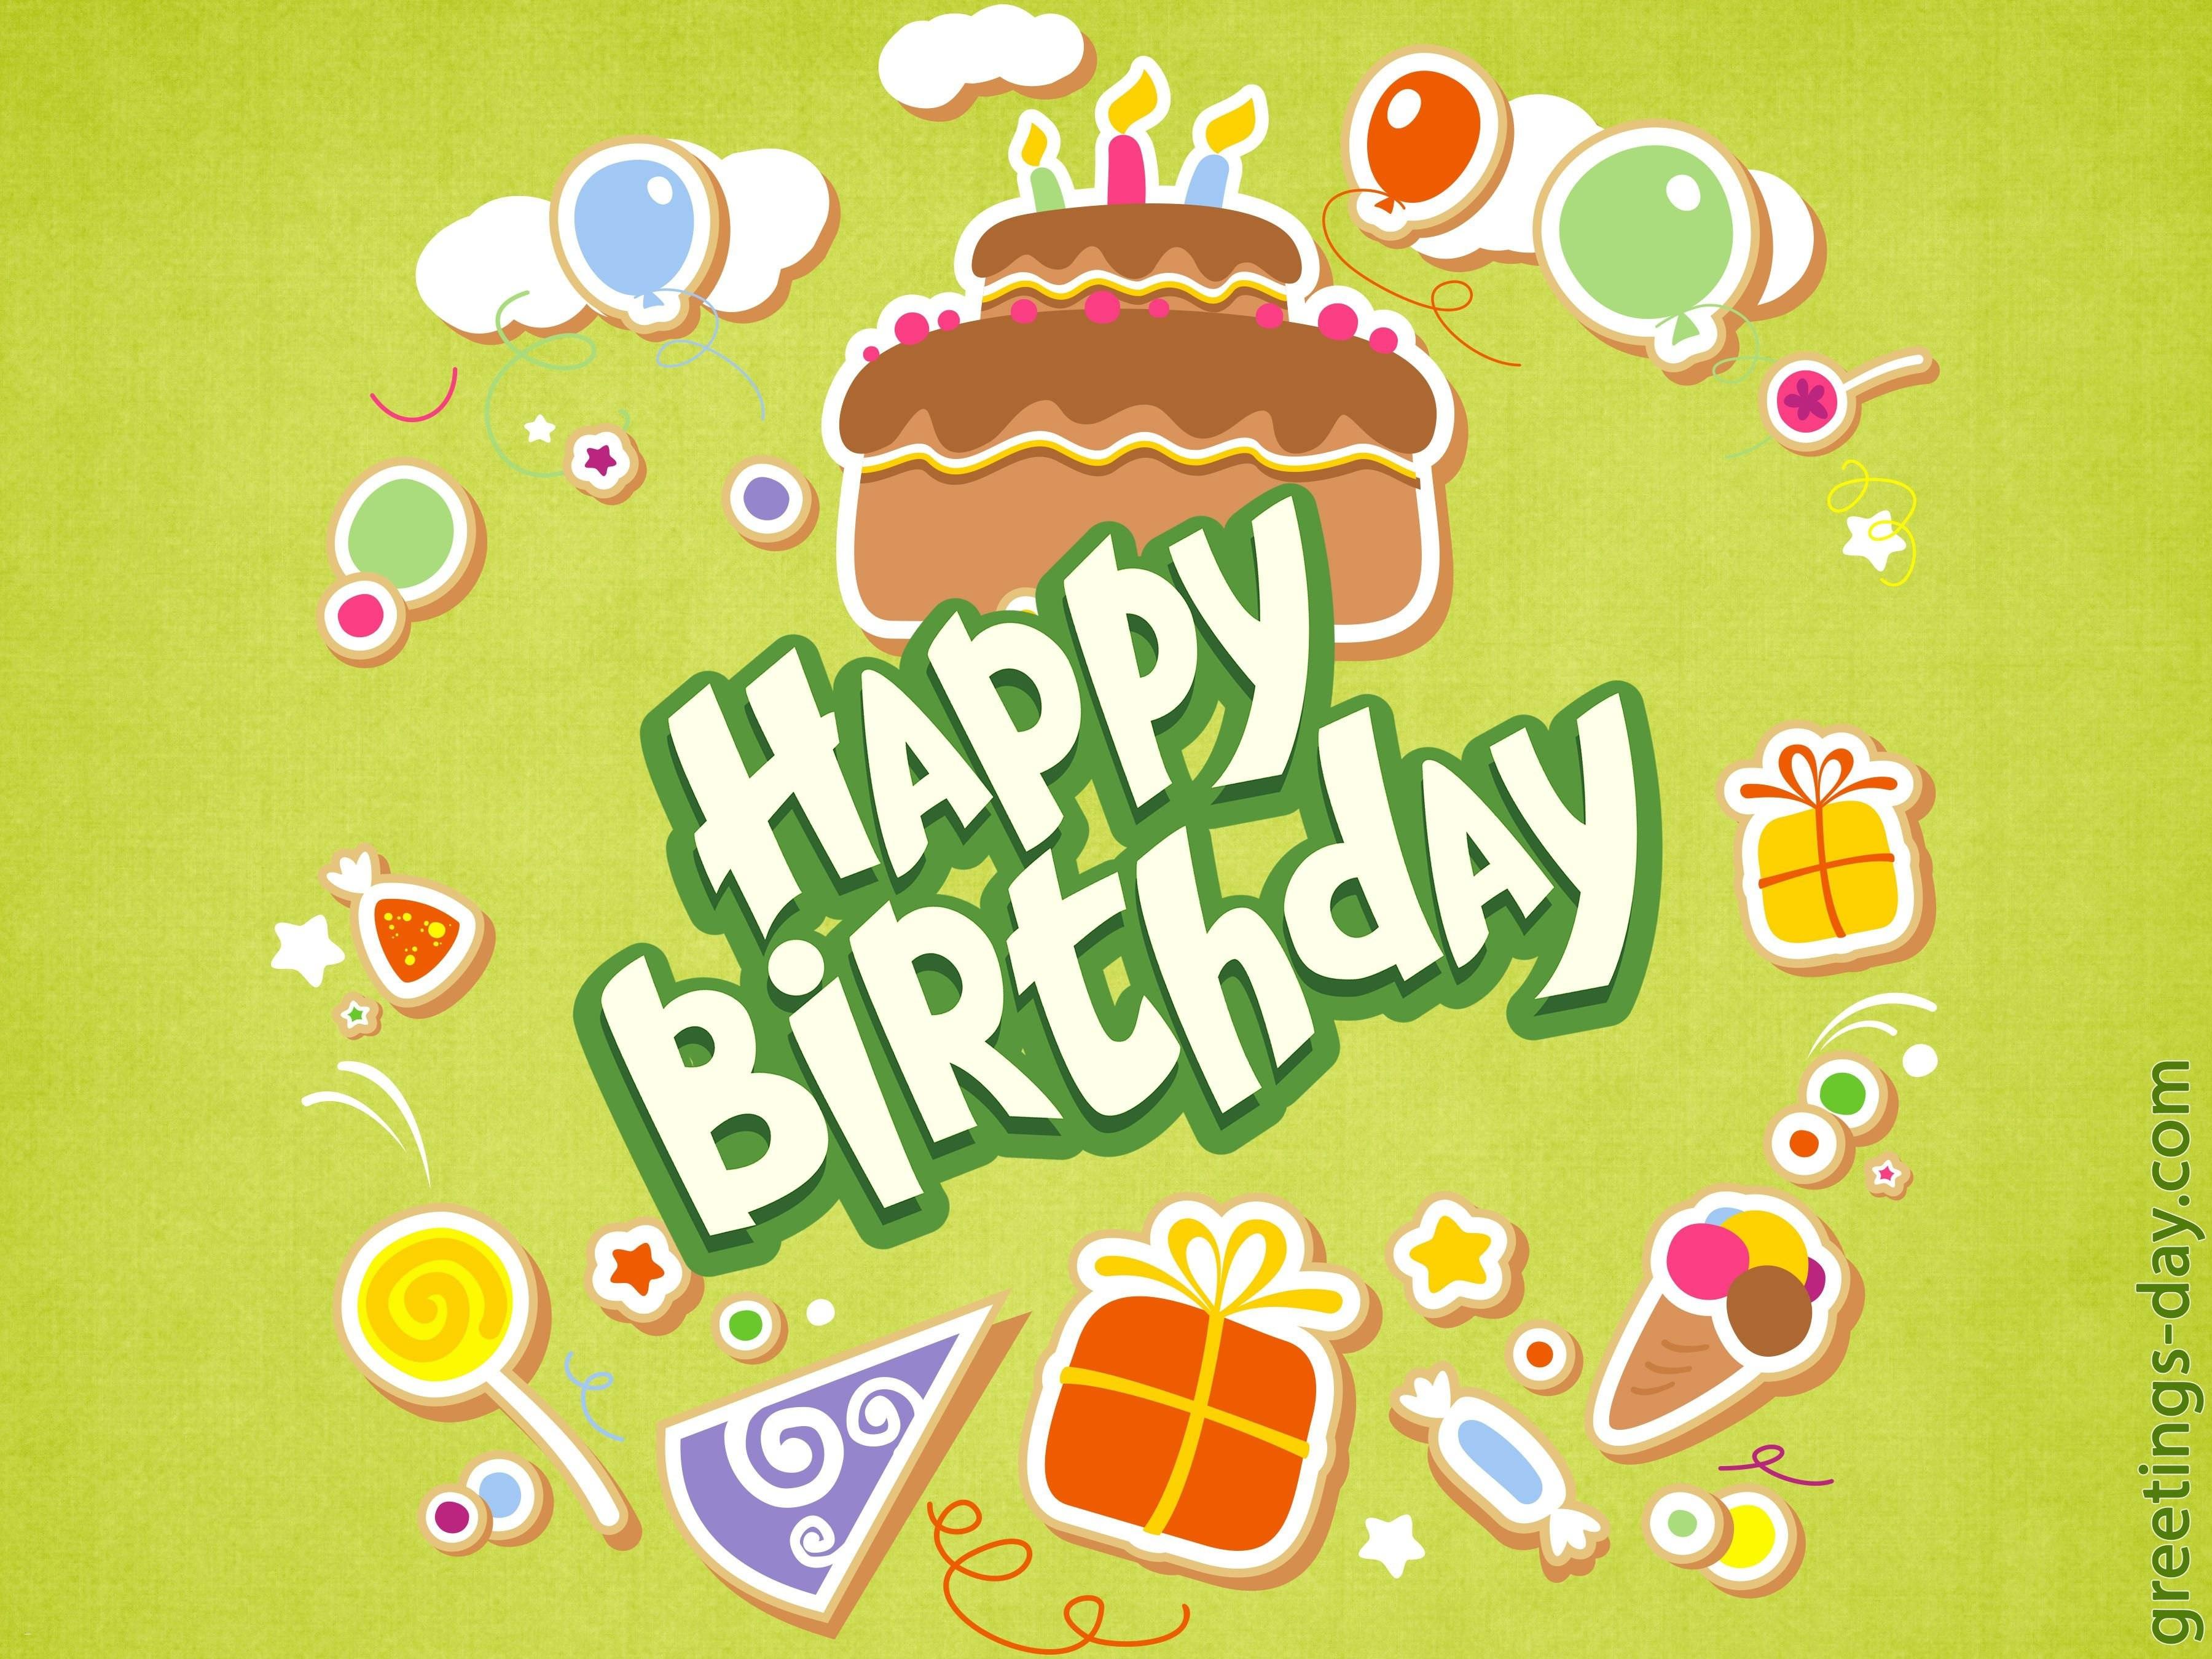 Lustige Animierte Geburtstagskarten Kostenlos  Lustige Animierte Geburtstagskarten Kostenlos Versenden